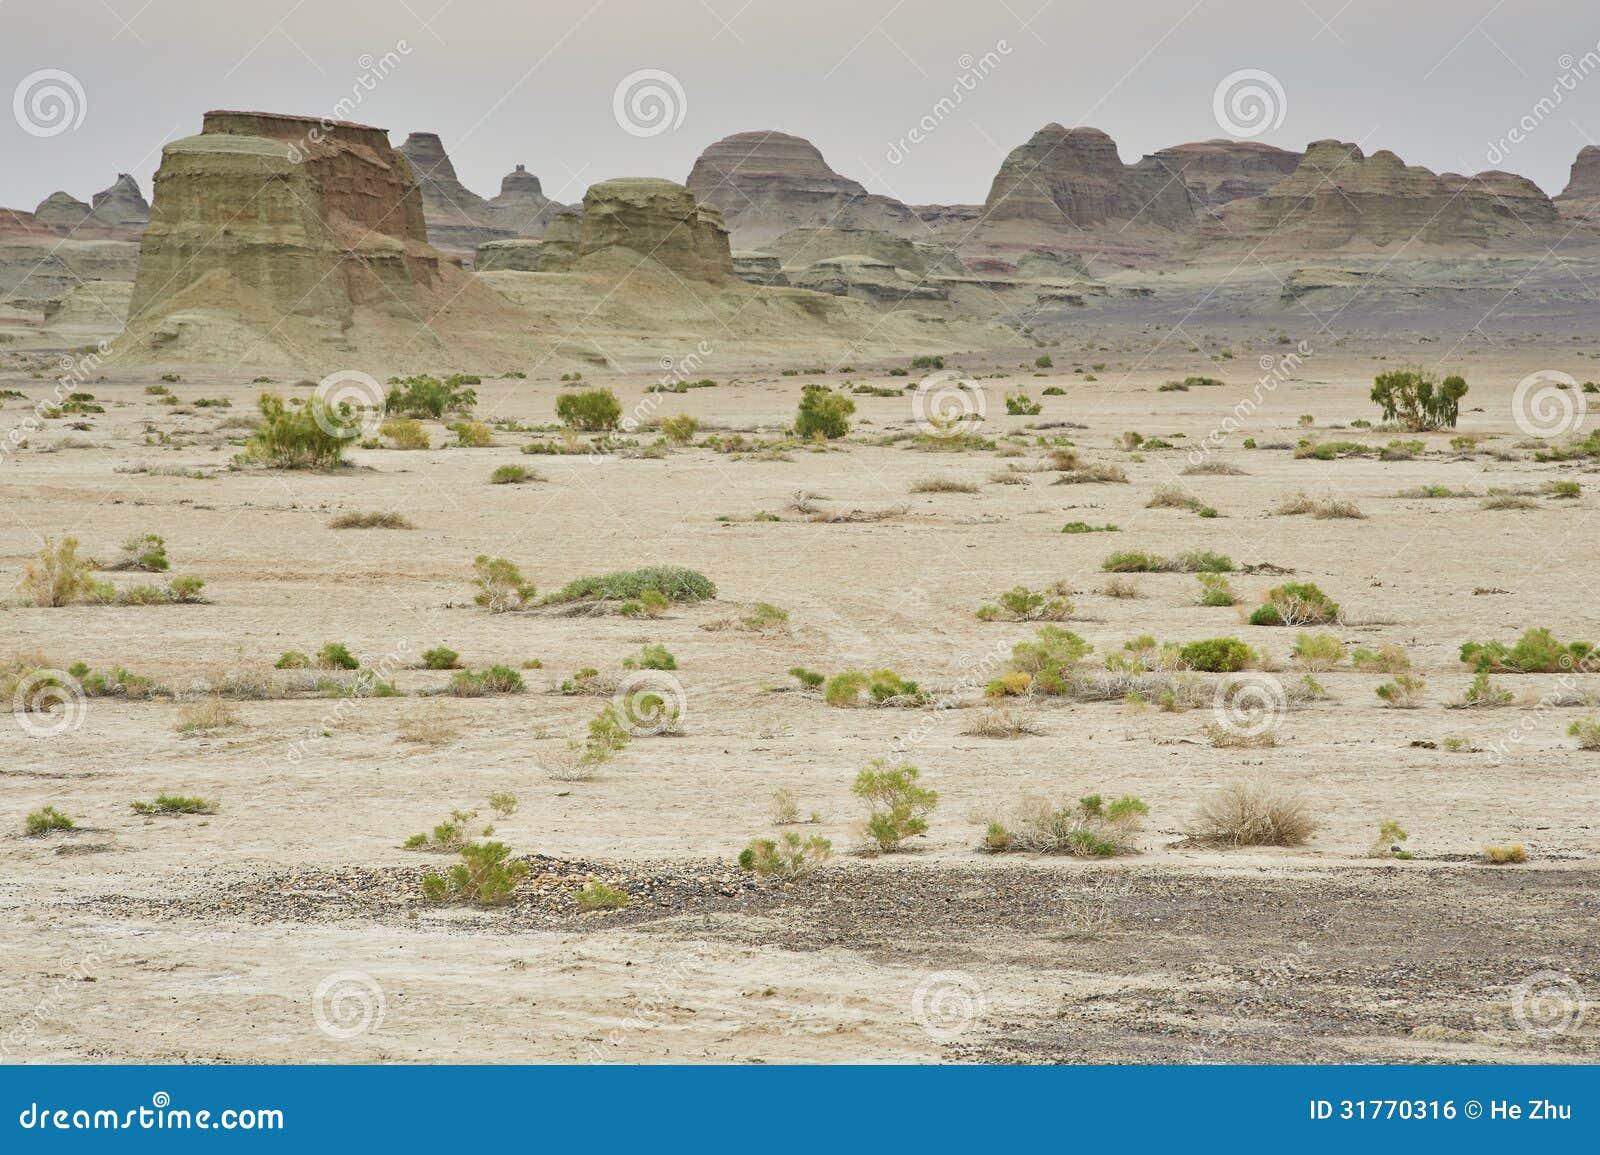 Landform ветровой эрозии